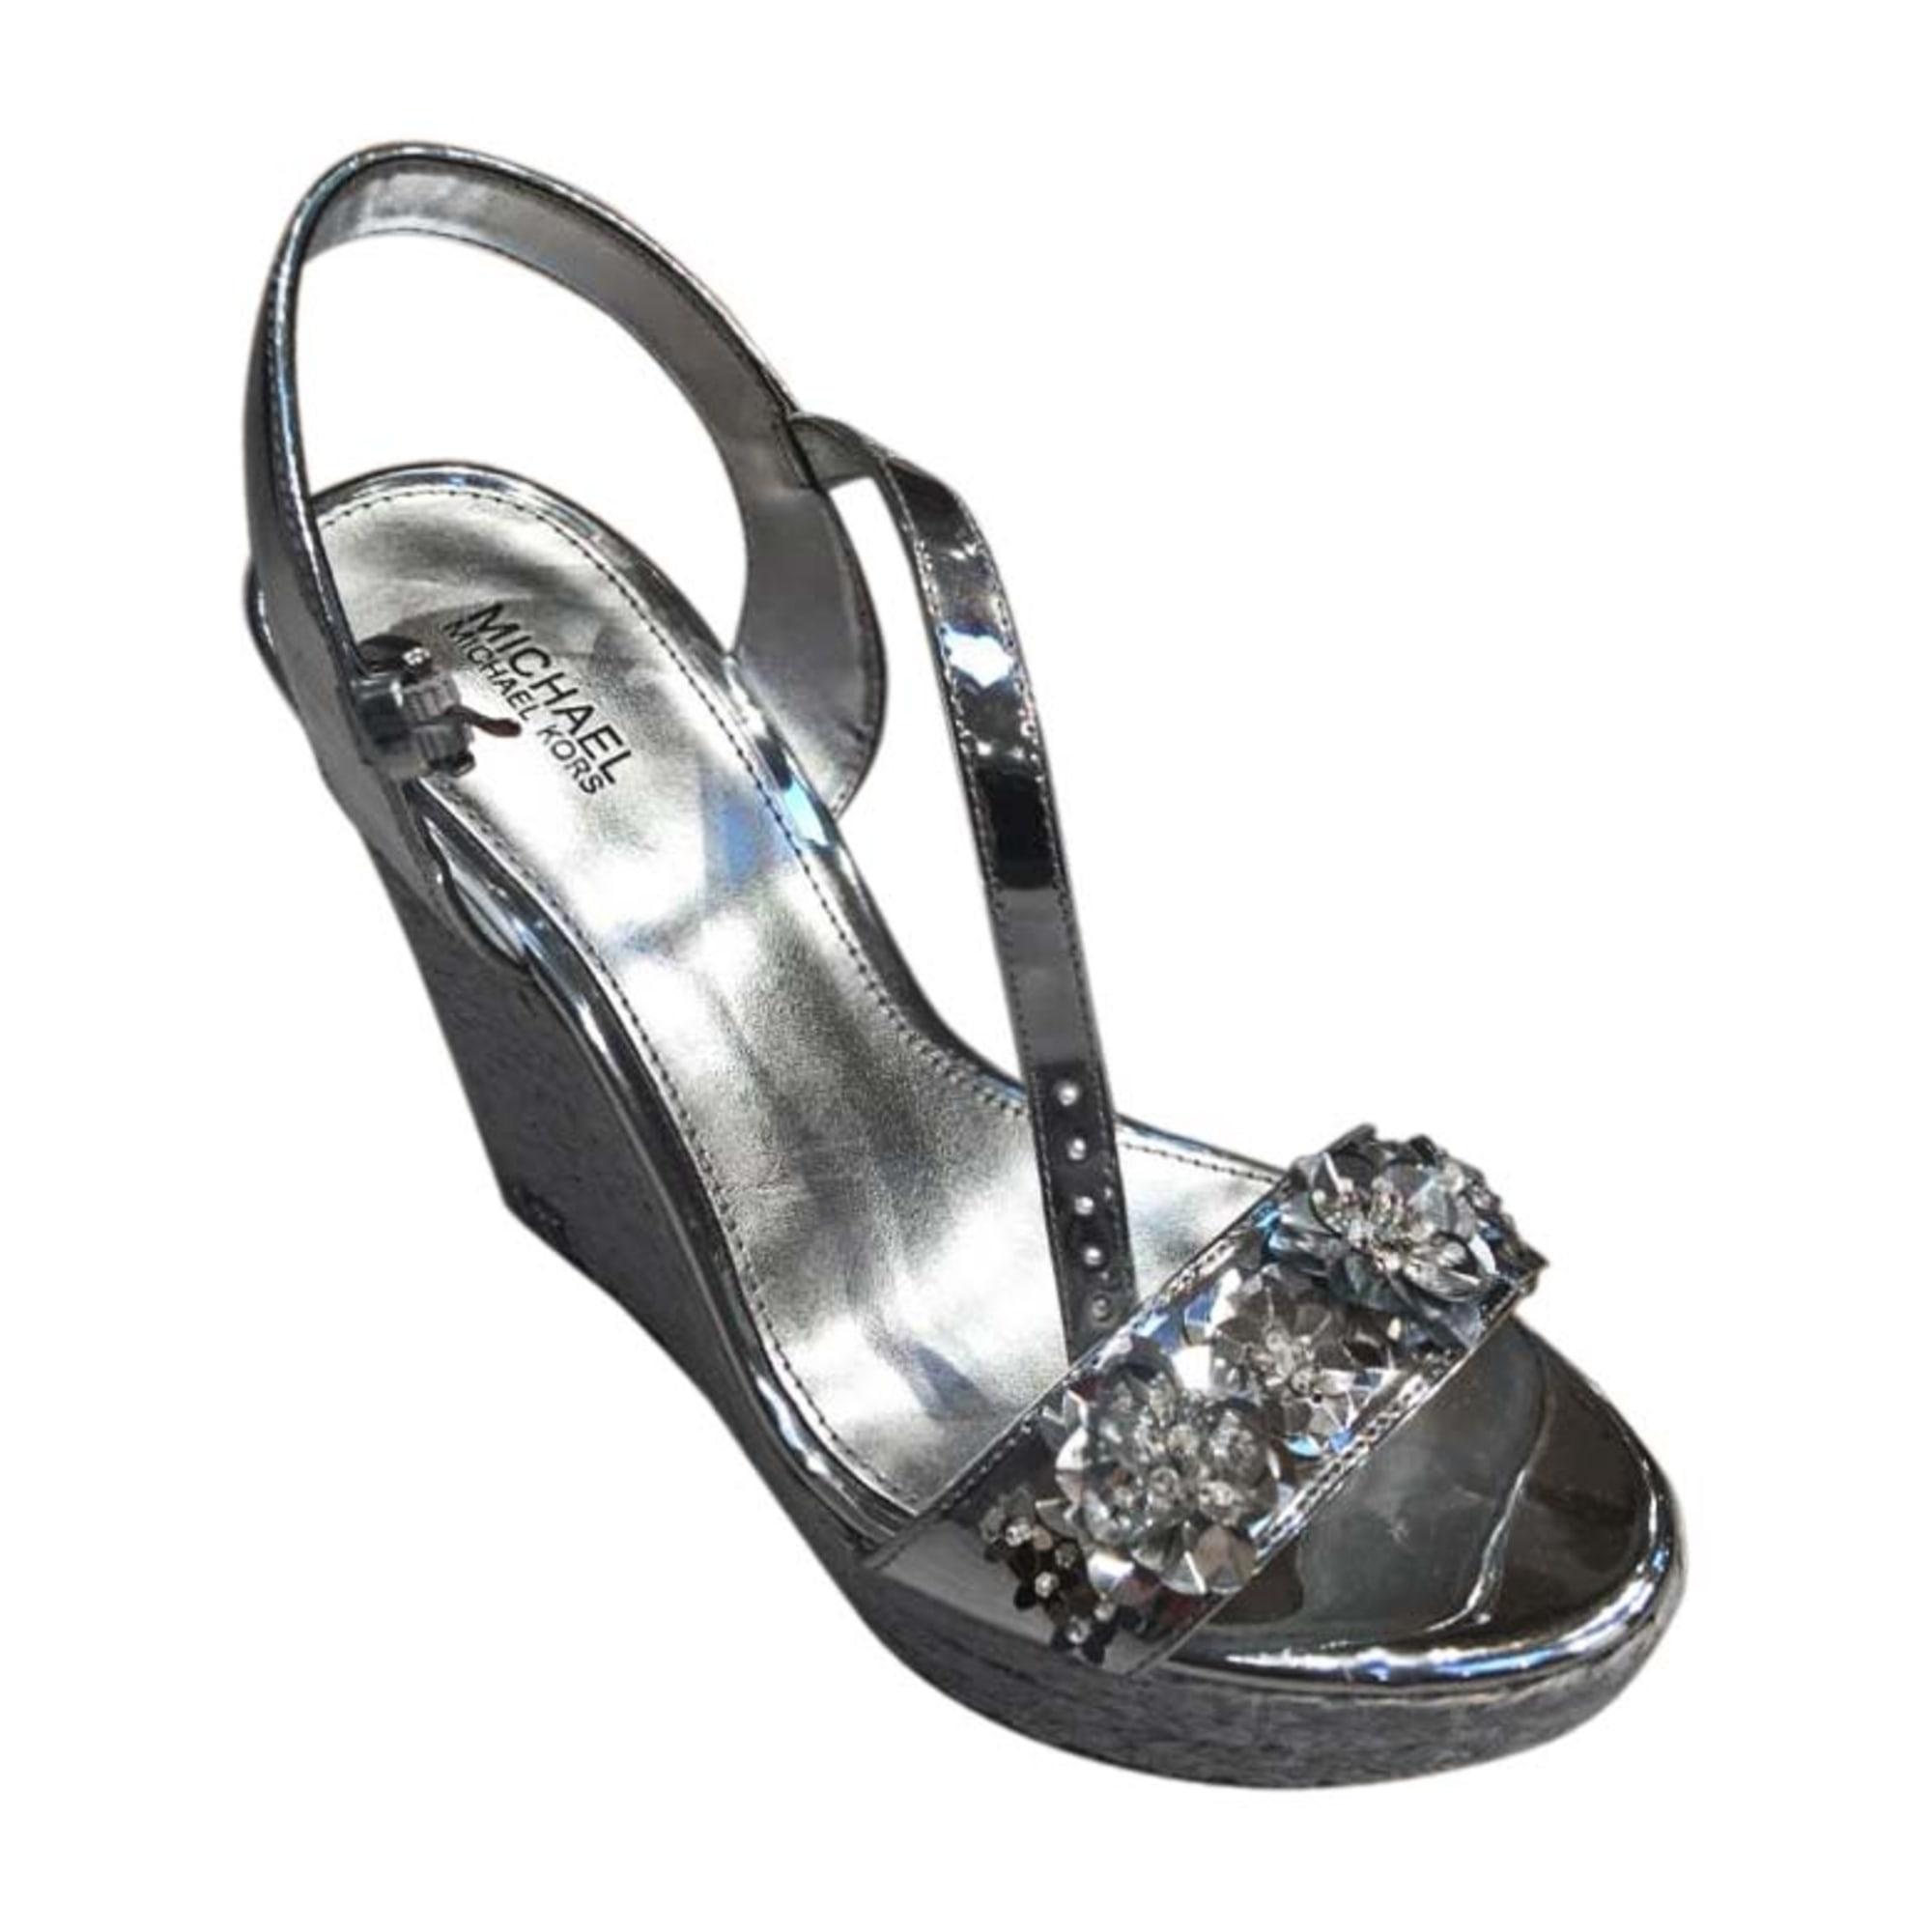 Sandales compensées MICHAEL KORS Argenté, acier